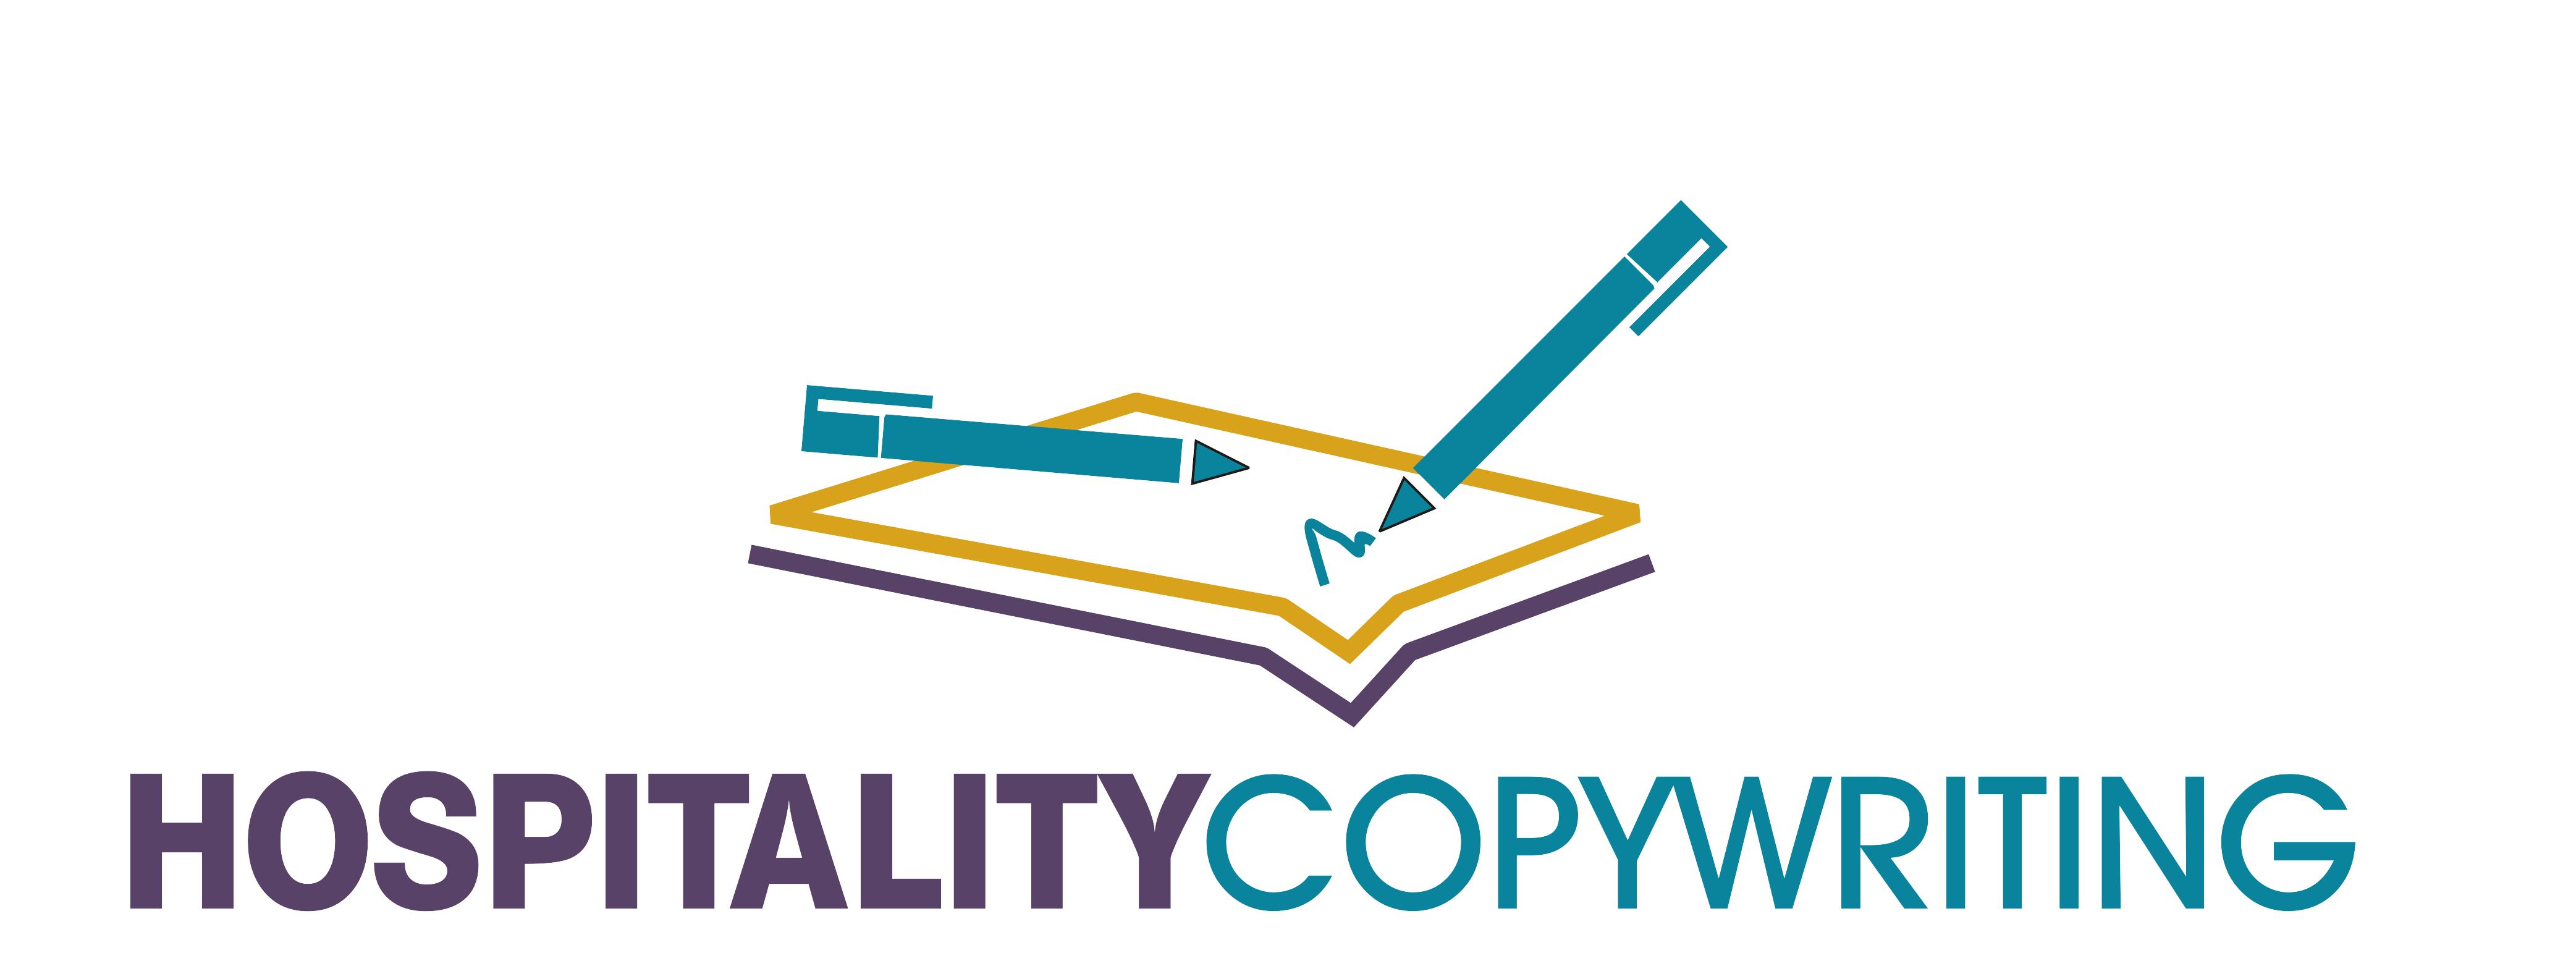 Hospitality_Copywriting logo design